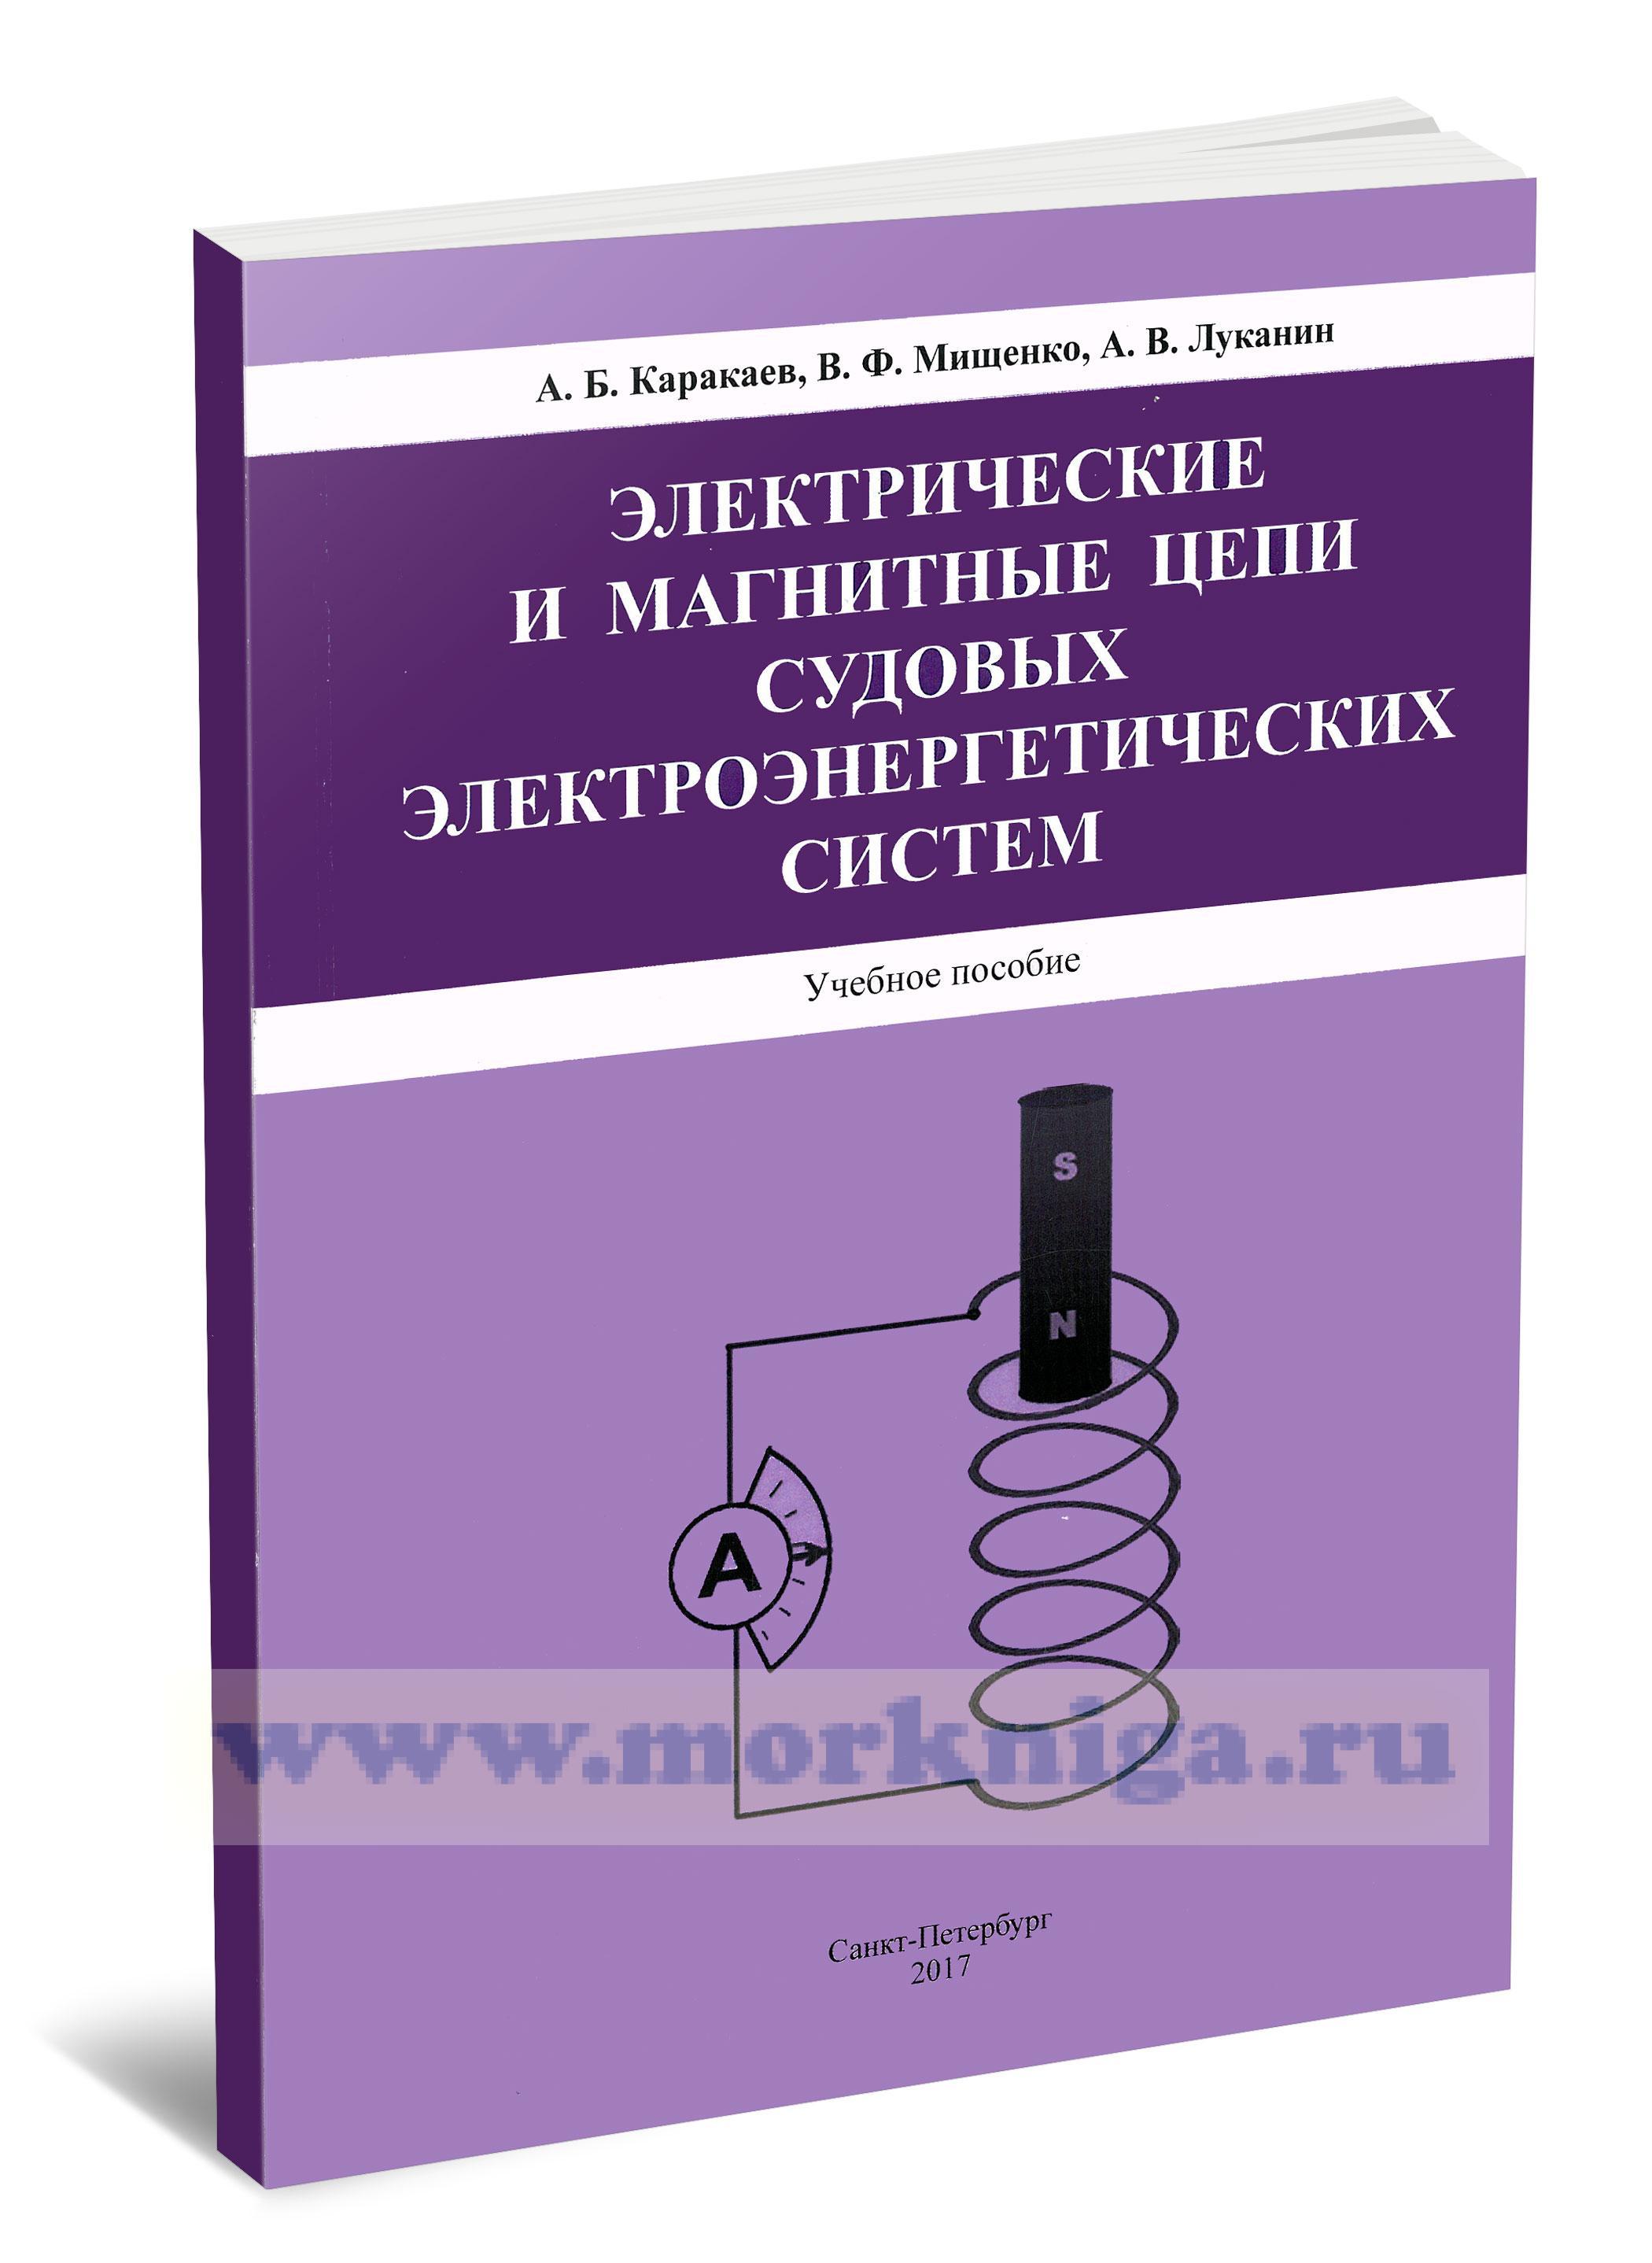 Электрические и магнитные цепи судовых электроэнергетических систем: учебное пособие